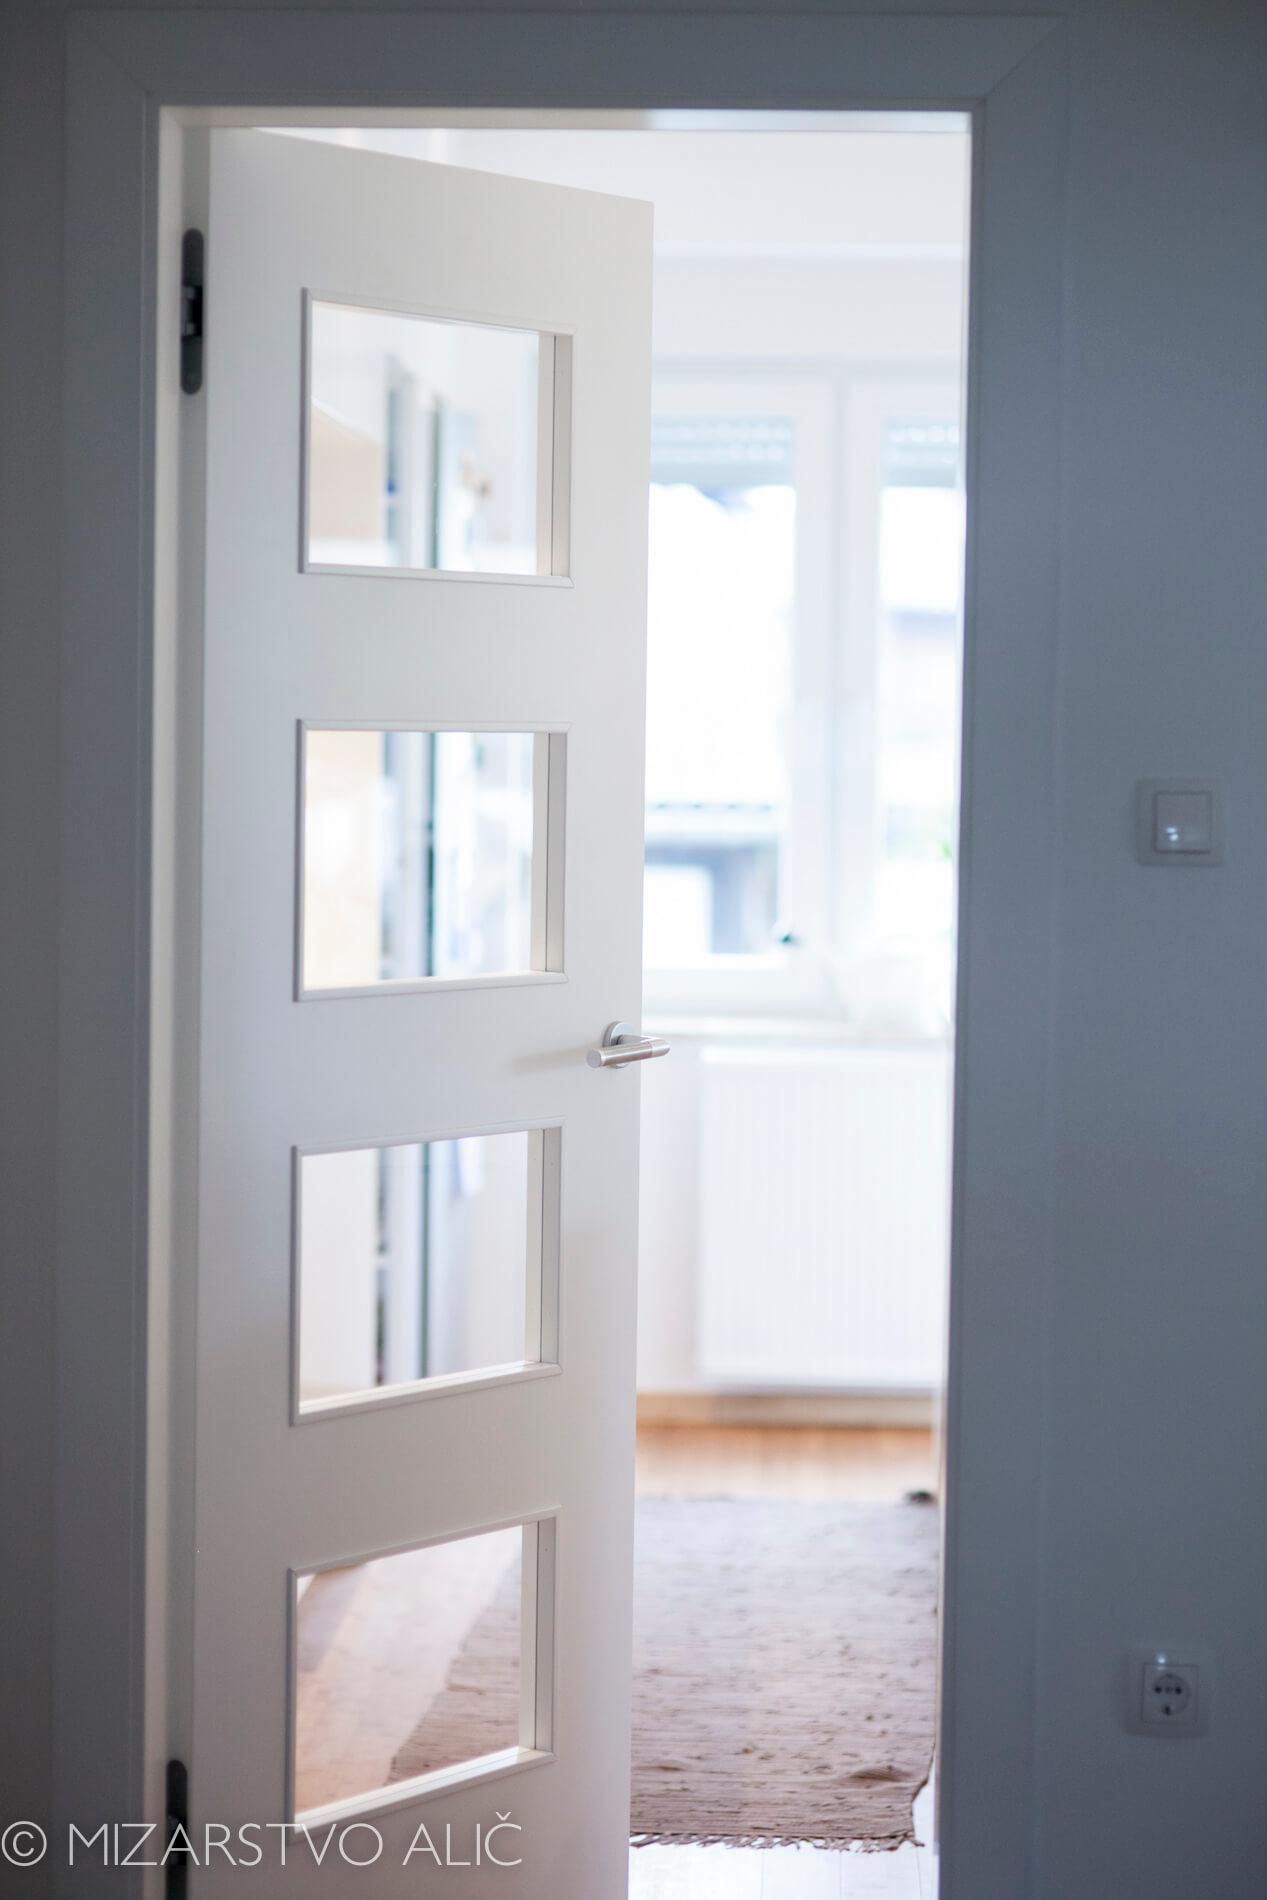 Barvana notranja vrata s skritimi nasadili